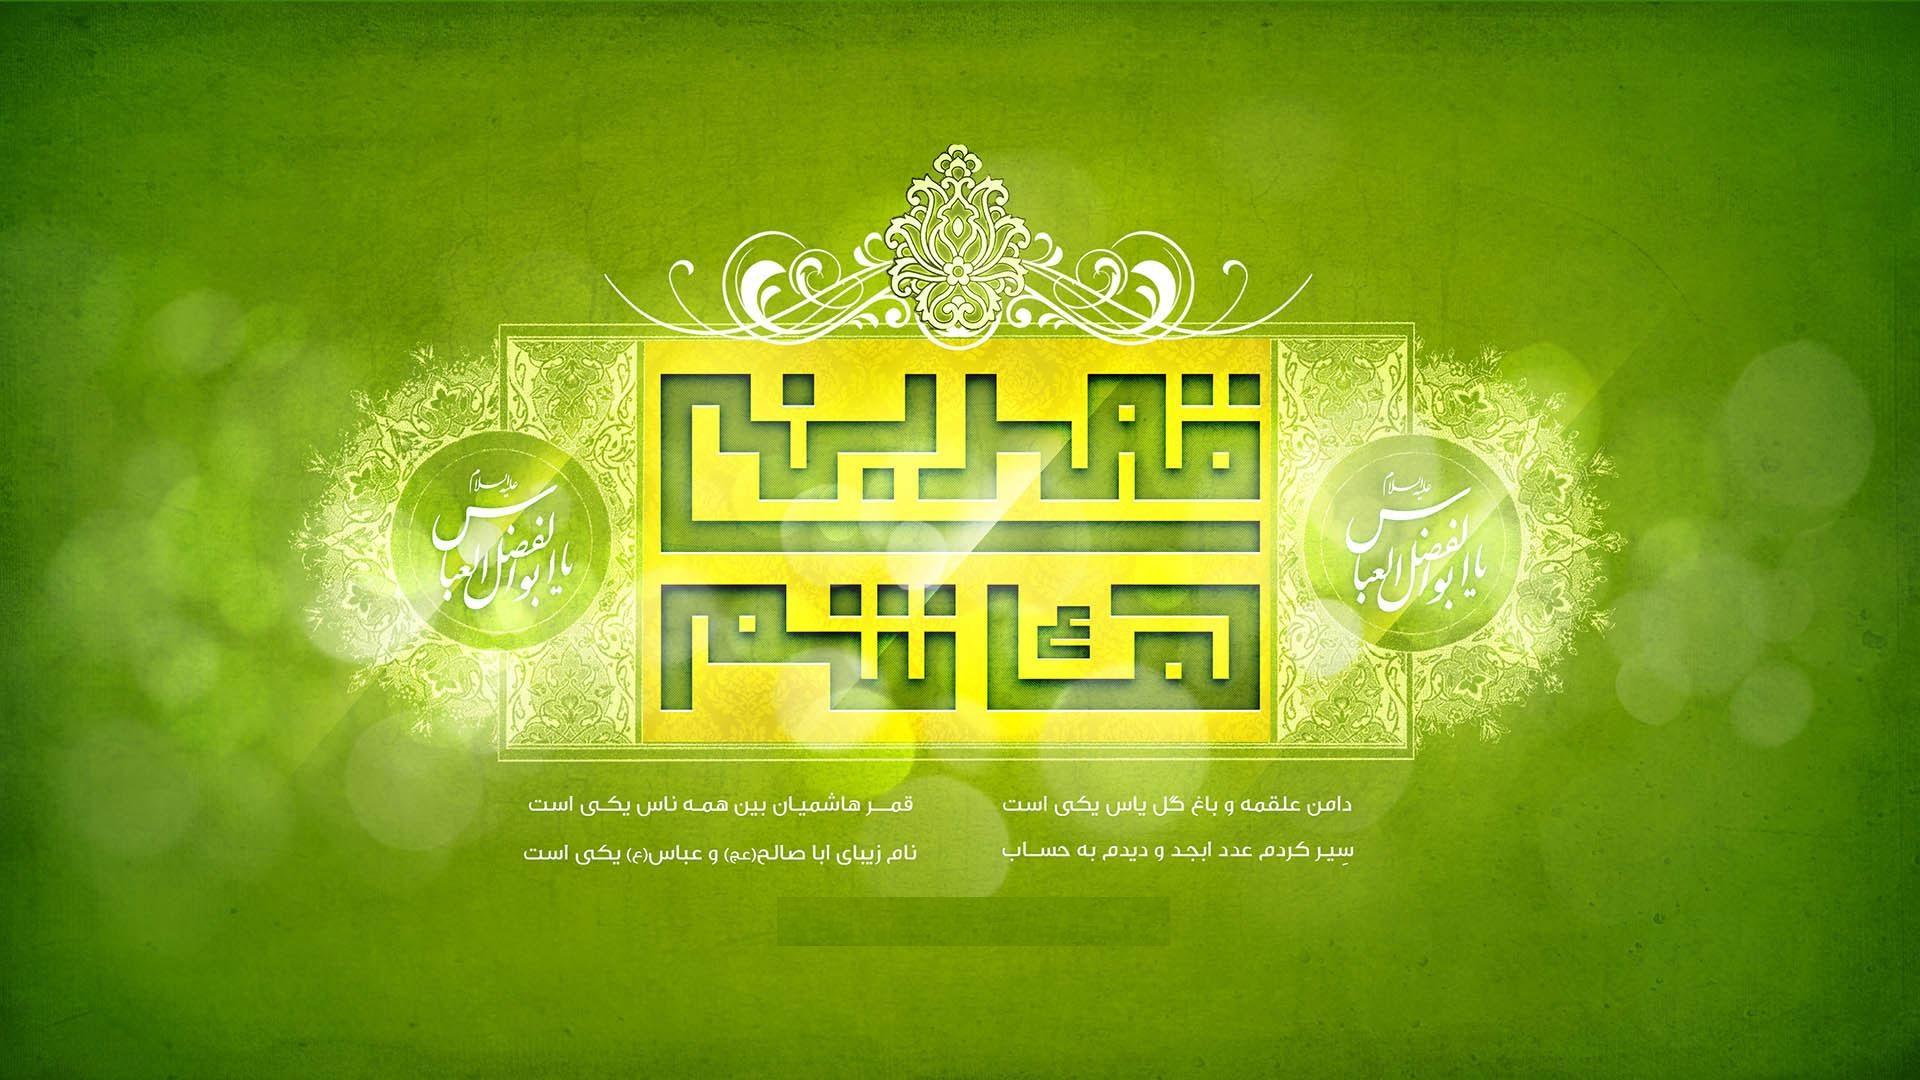 گلچینی از برترین اشعار ولادت حضرت قمر بنی هاشم(ع)